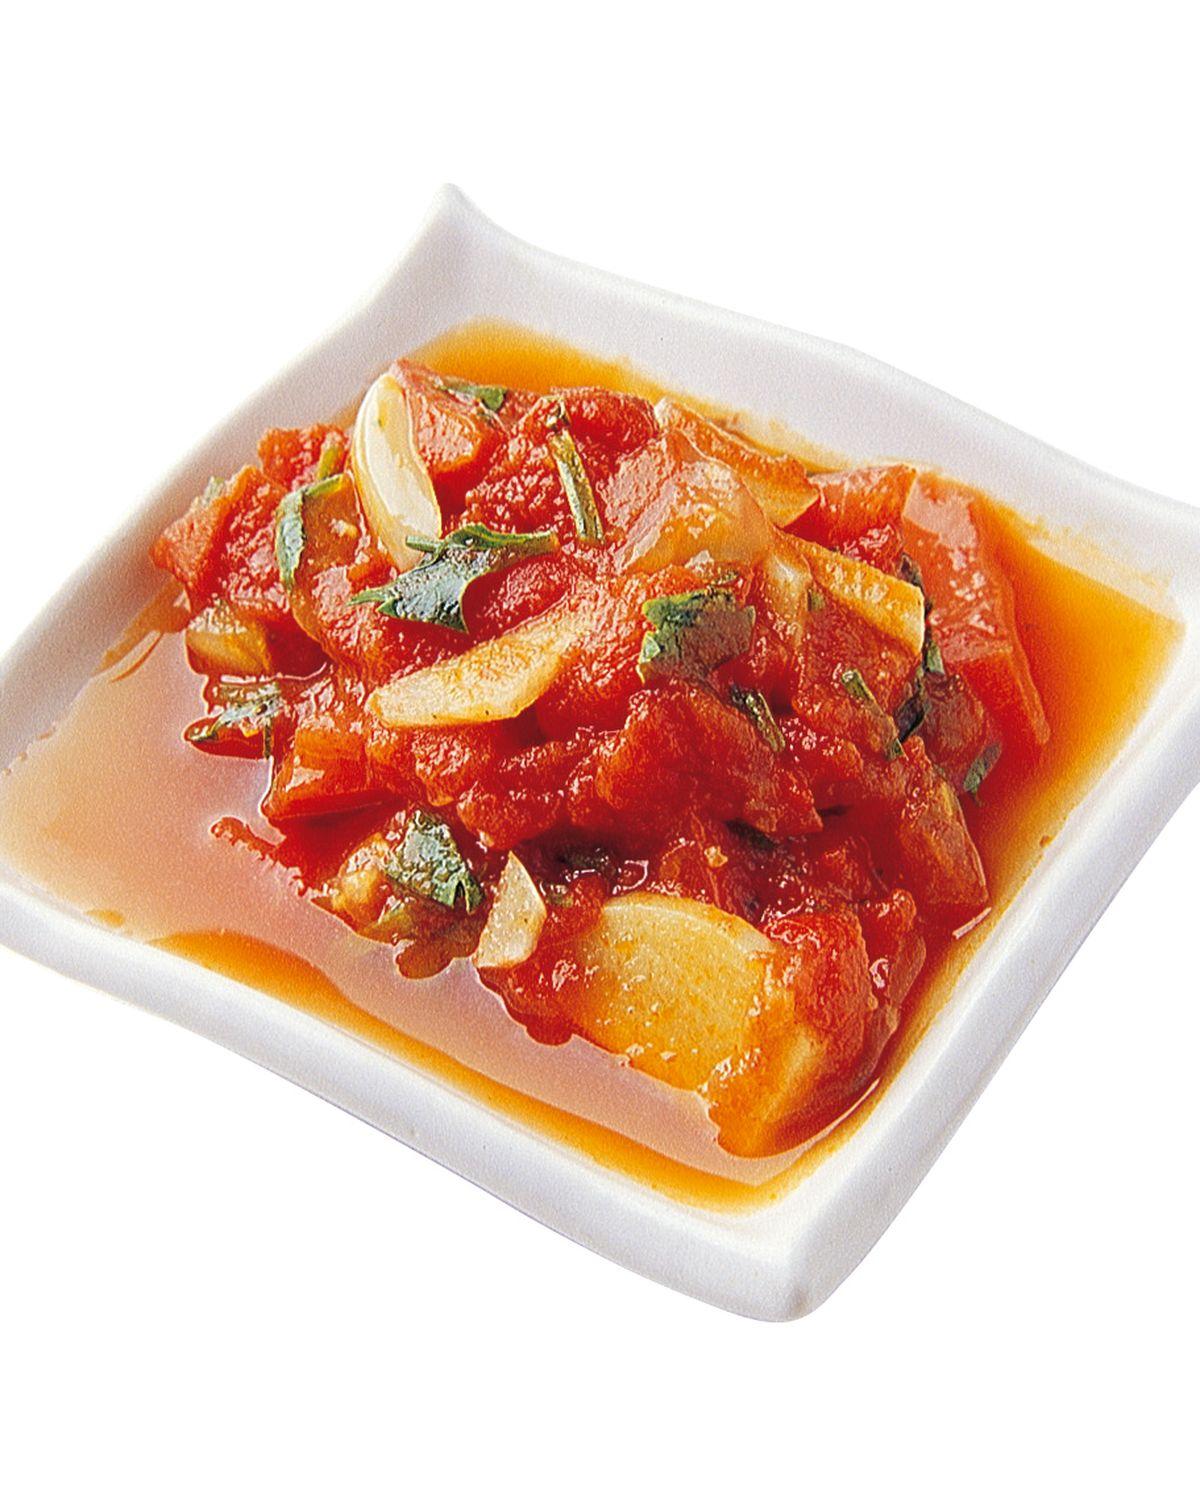 食譜:番茄薄荷蒜醬